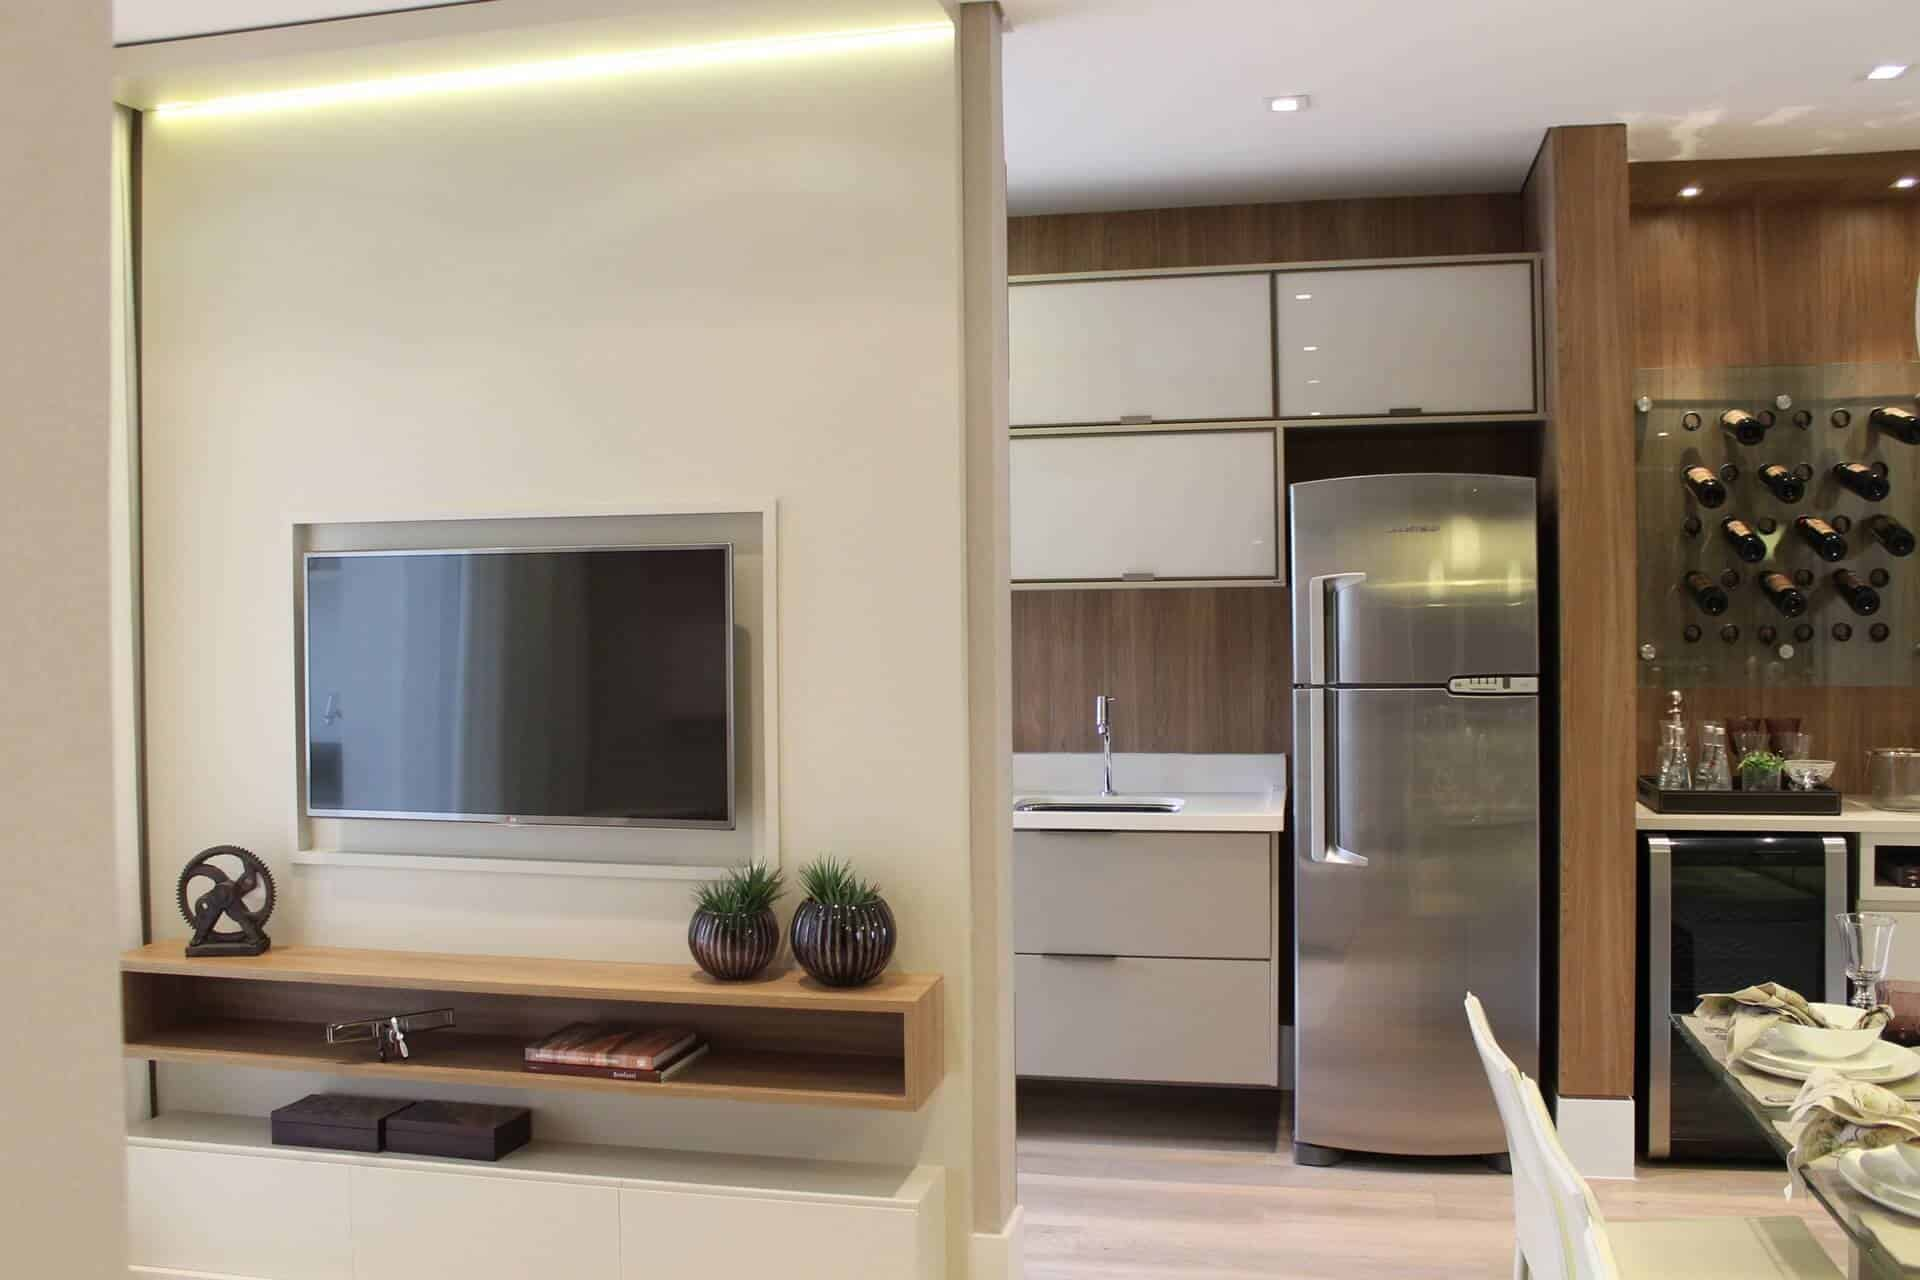 moveis-sob-medida_cozinhas-planejadas-galeria-37